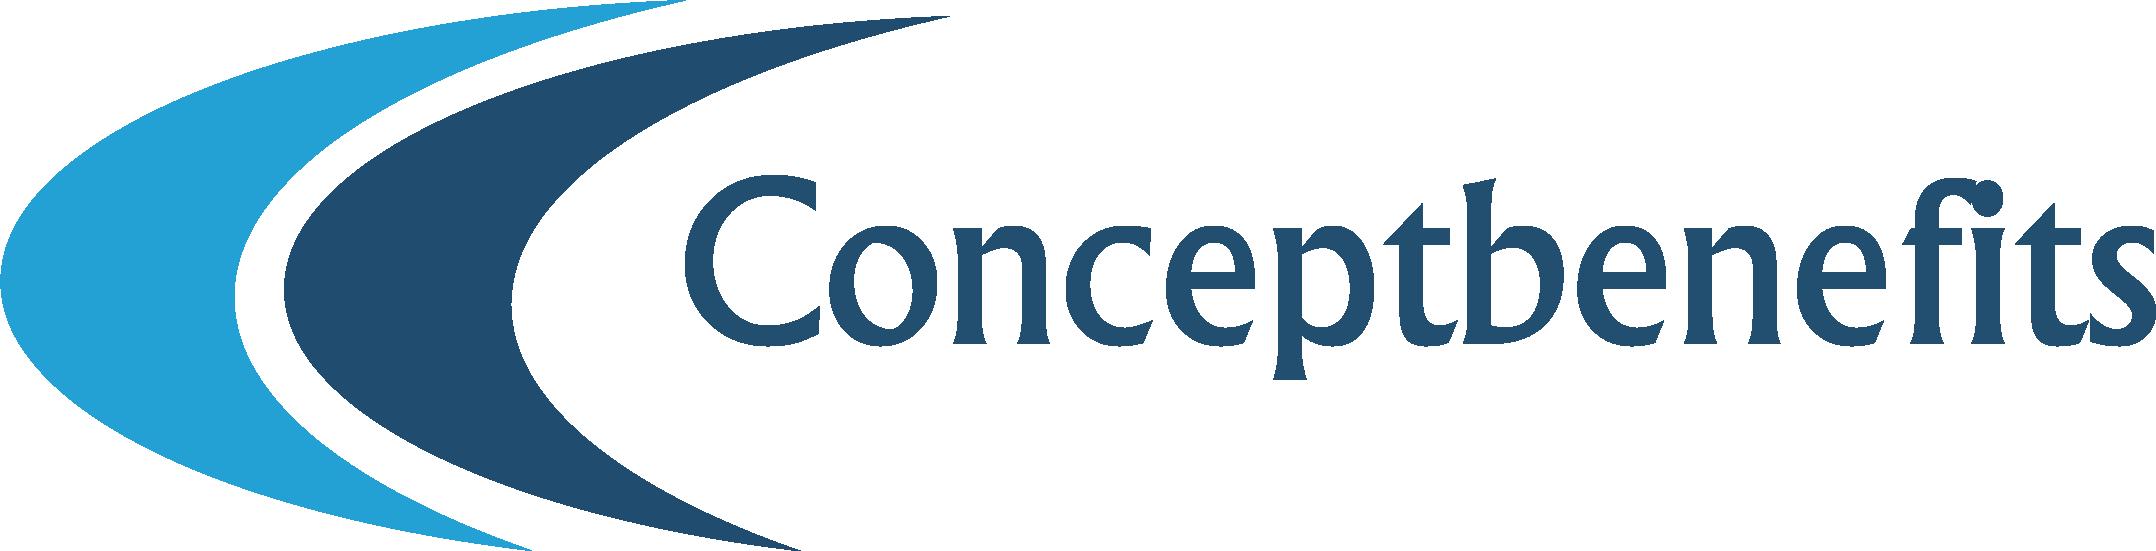 Conceptbenefits logo